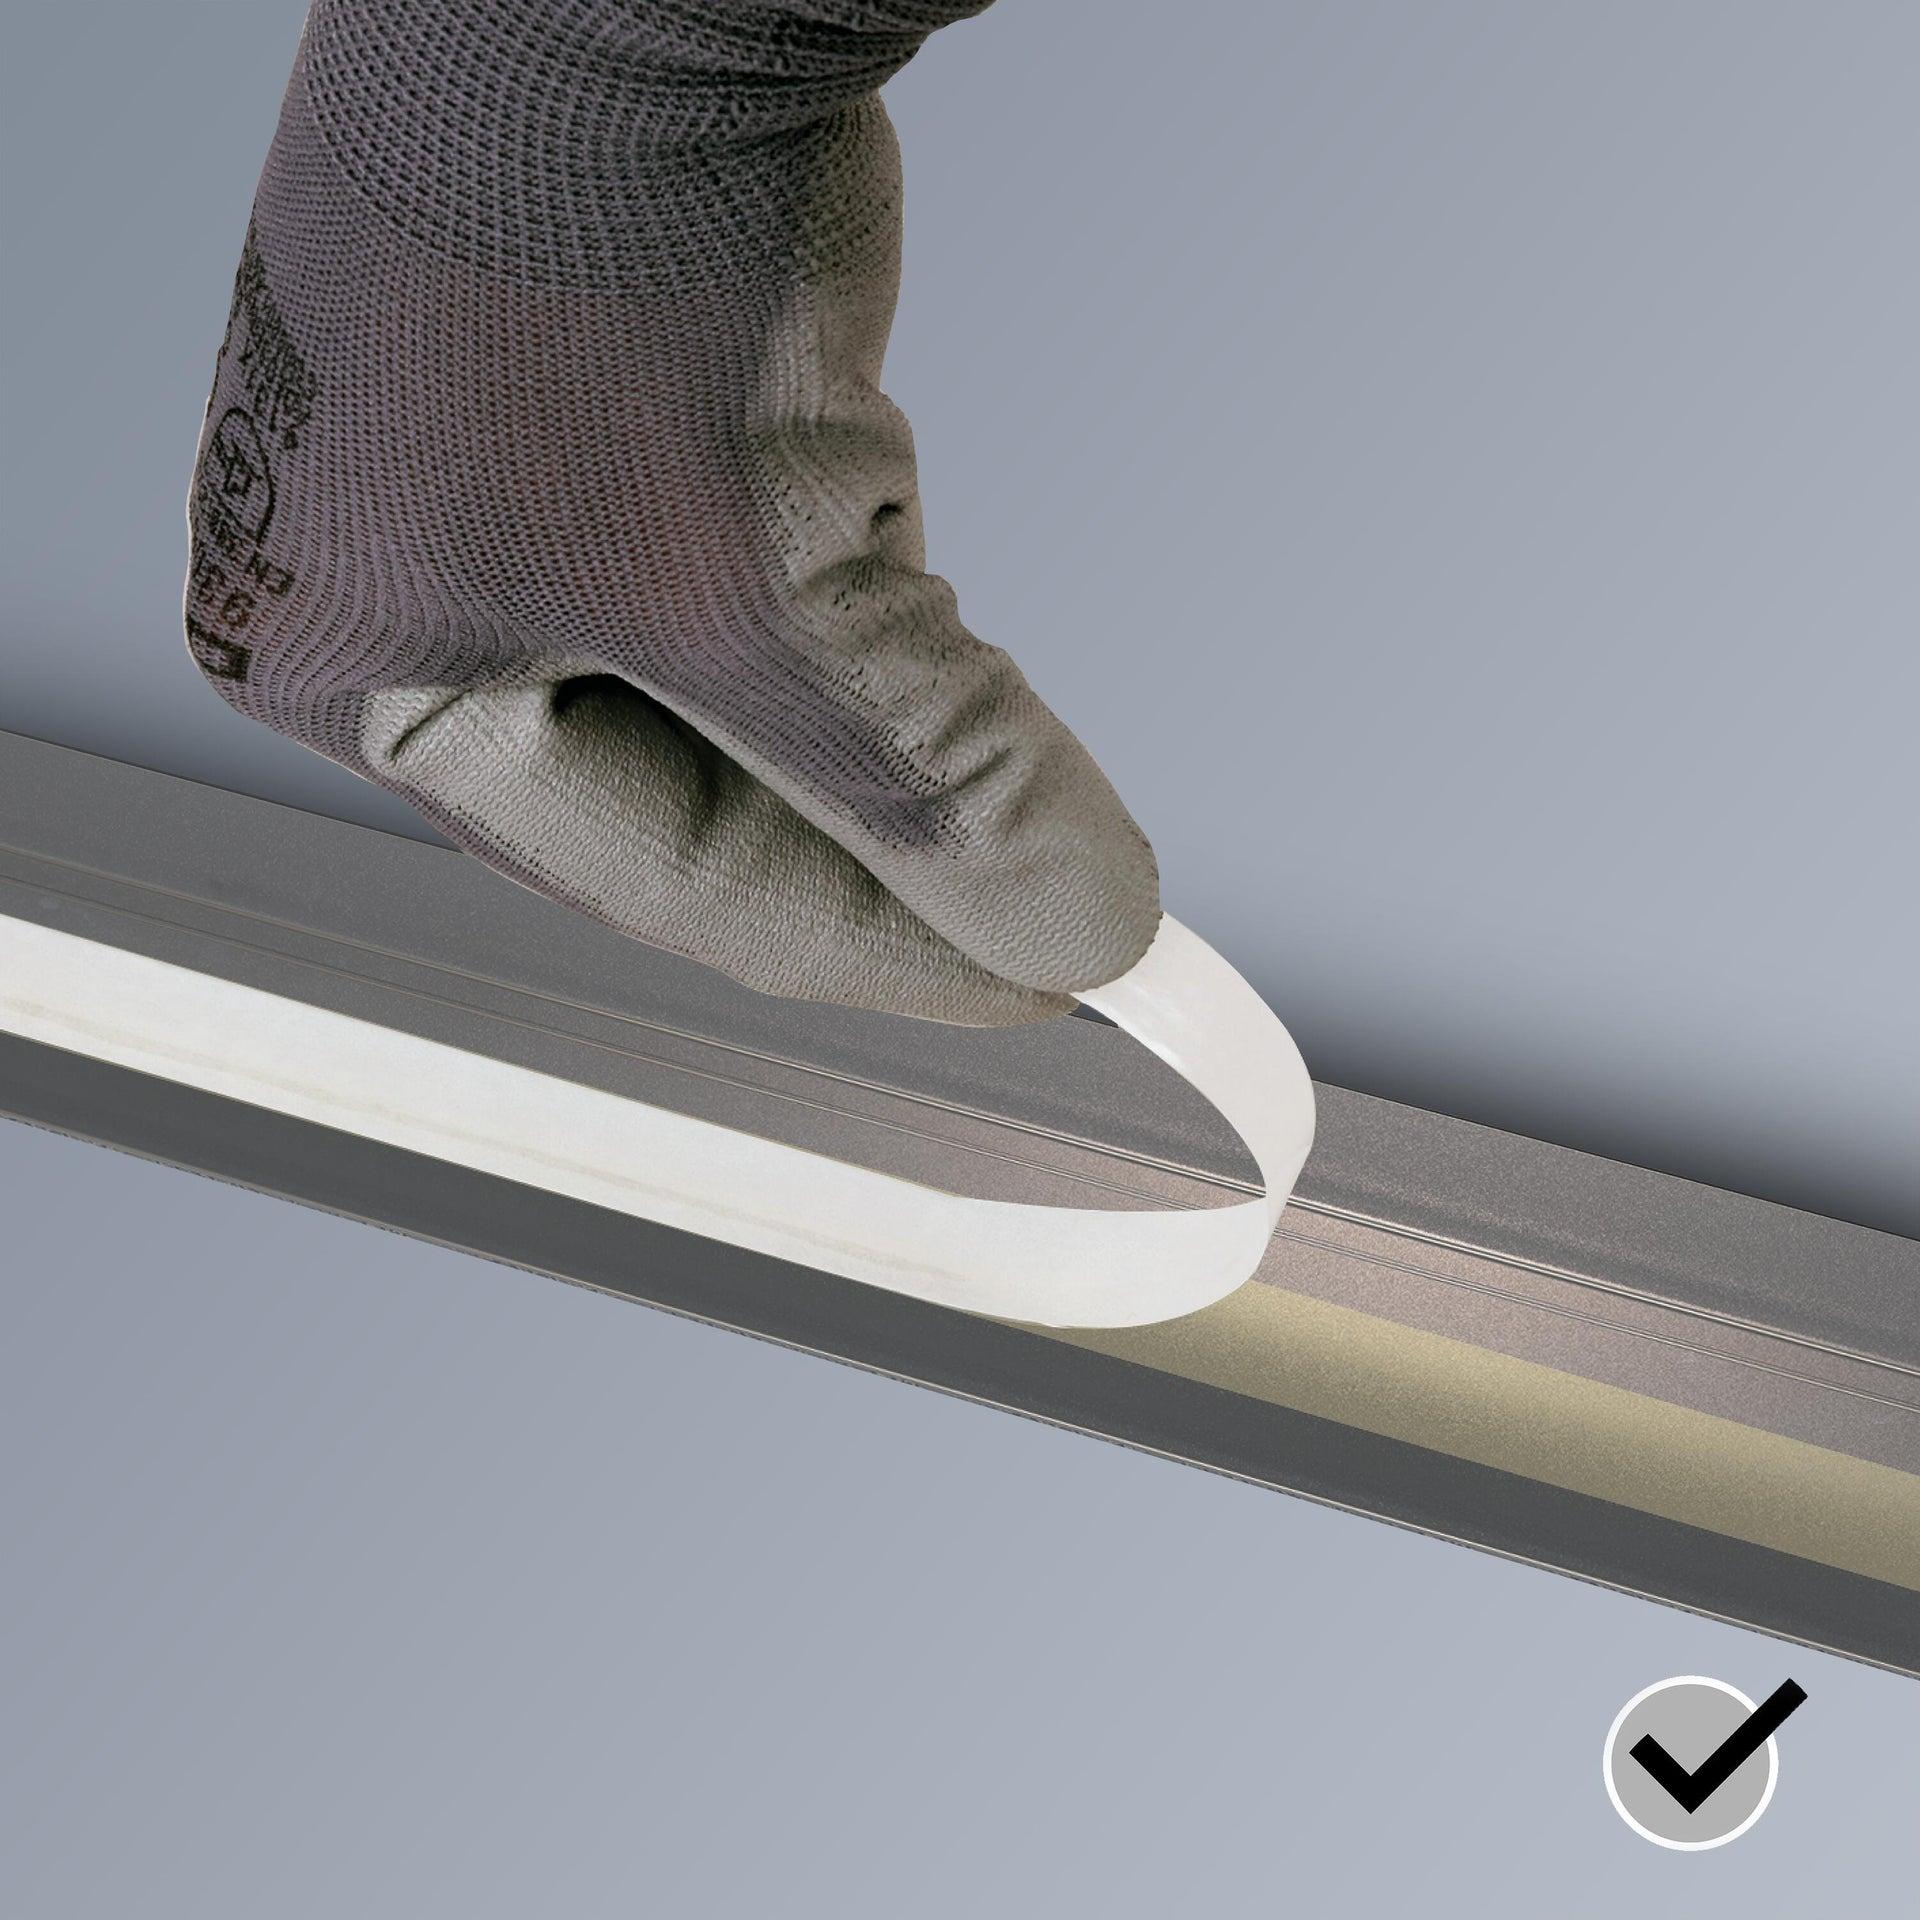 Profilo soglia simple-fix 38 36 mm x 95 cm - 8